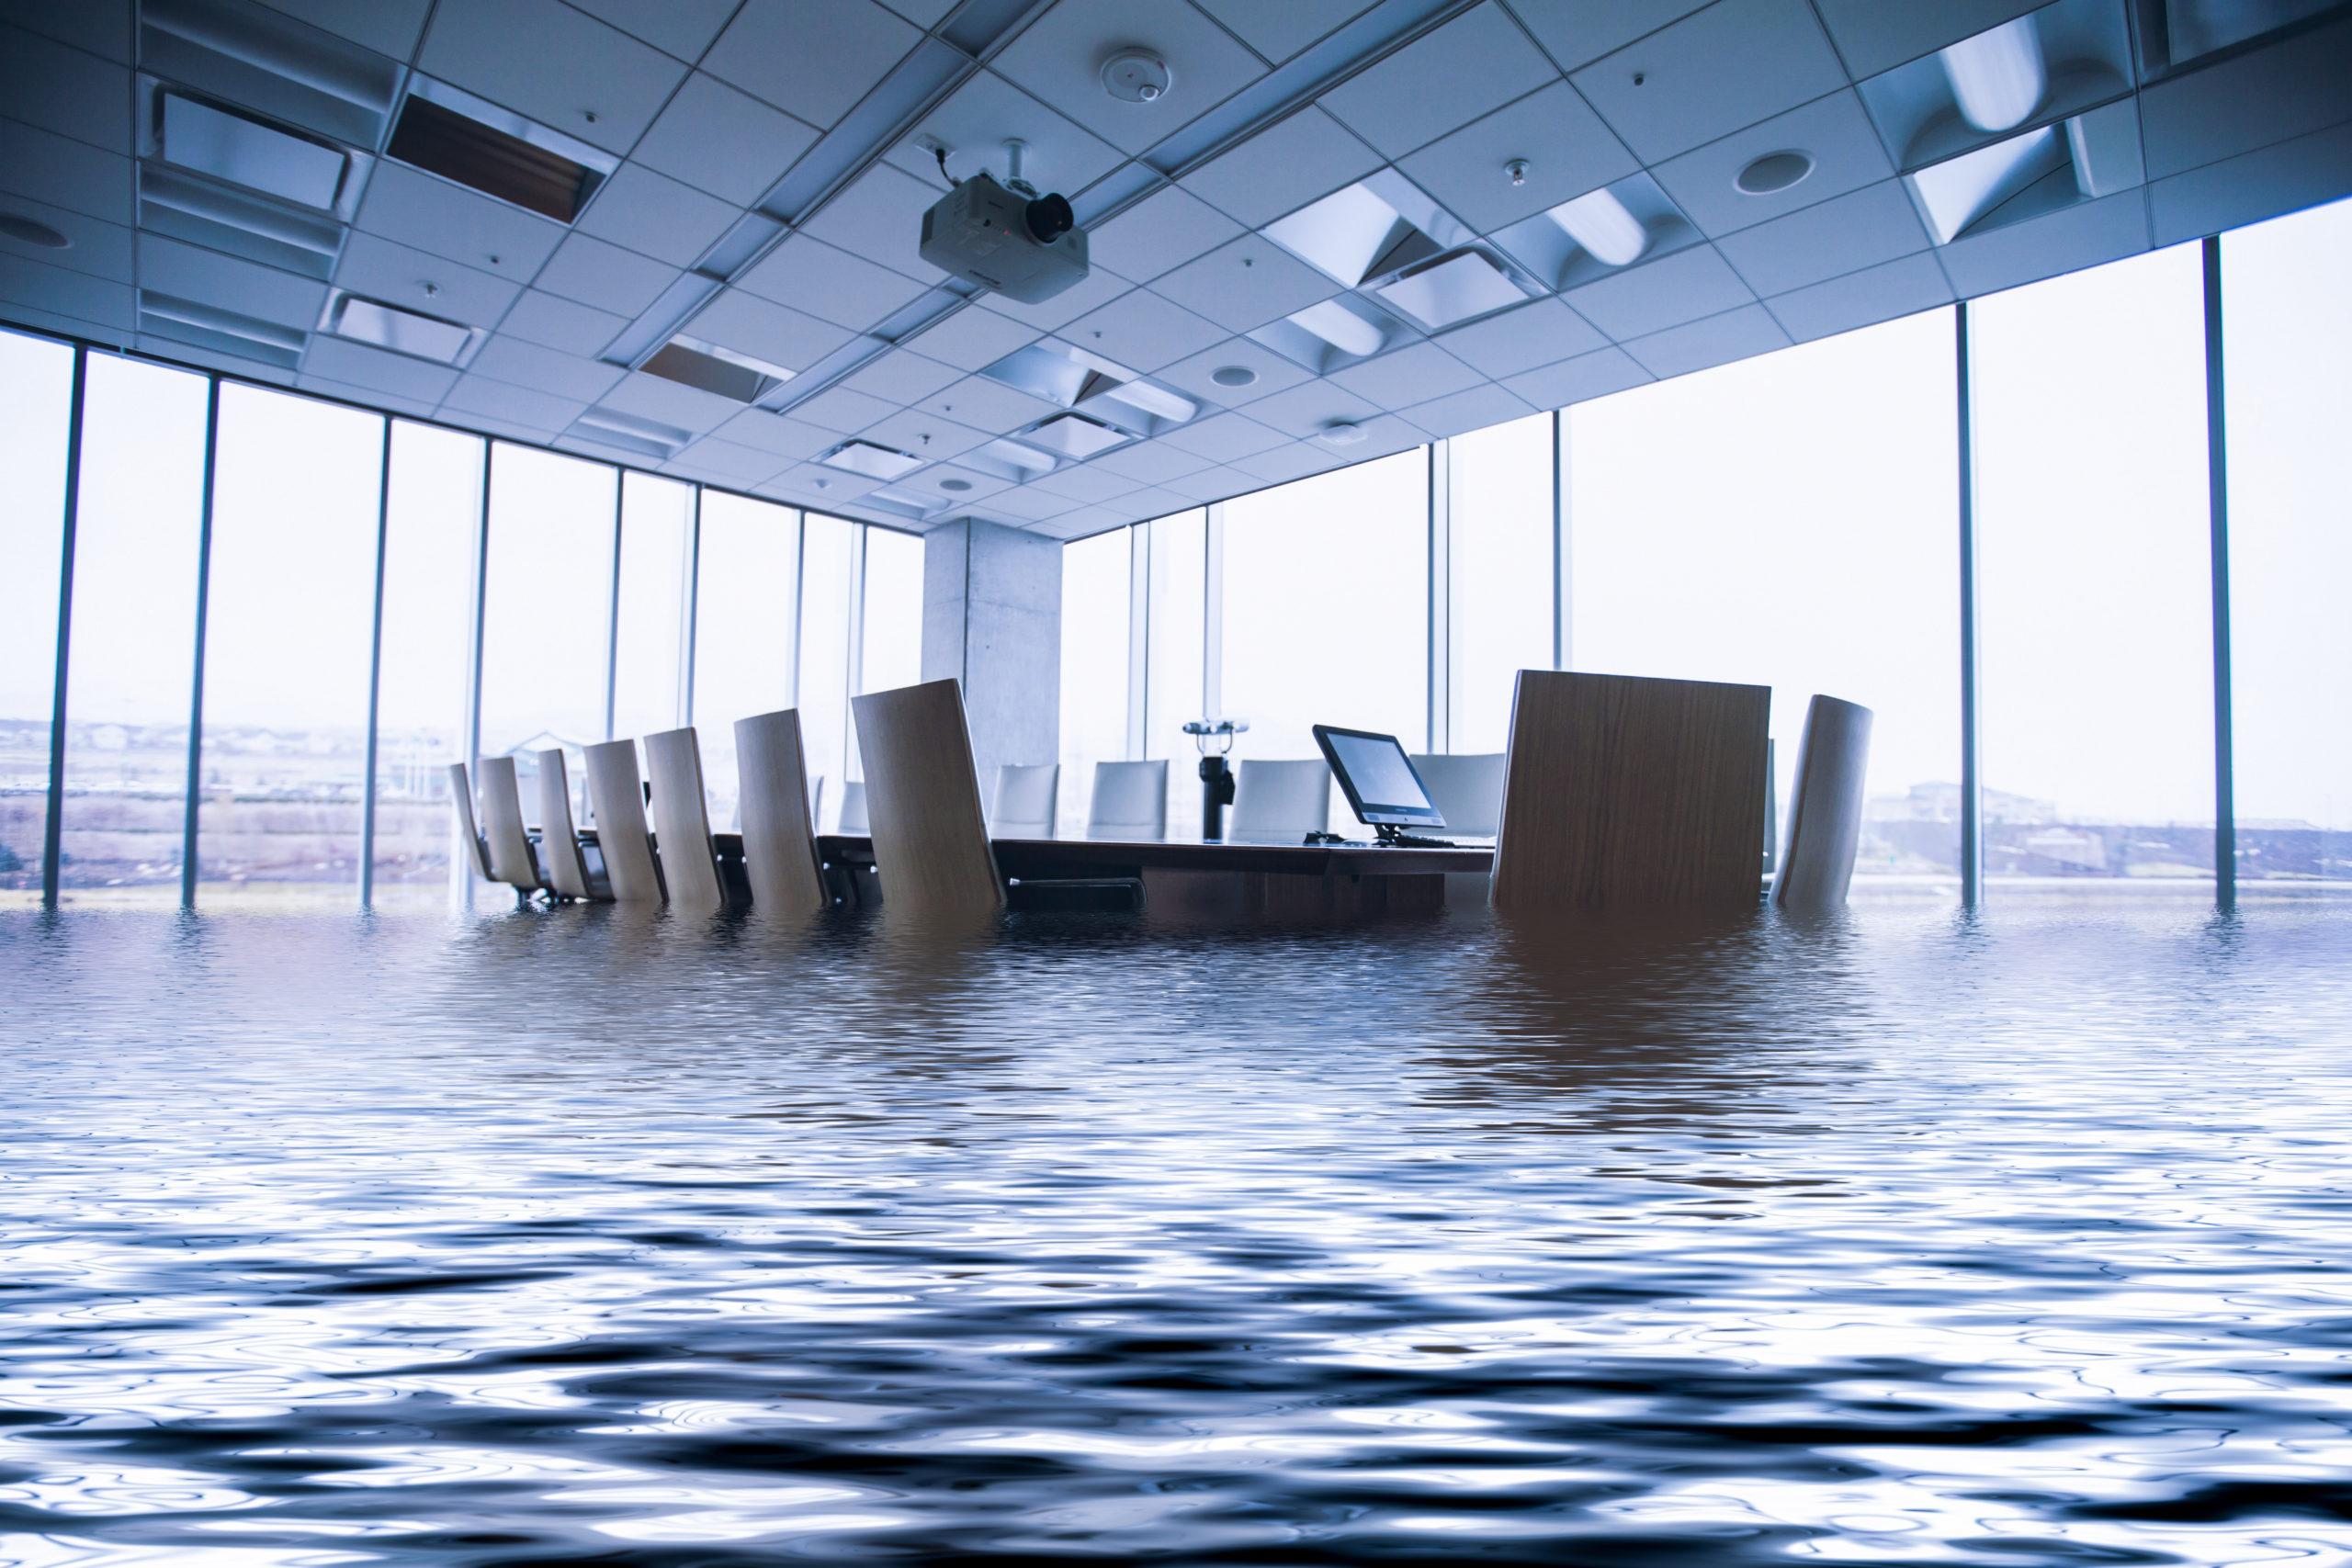 Blog - Konferenzraum steht stark unter Wasser